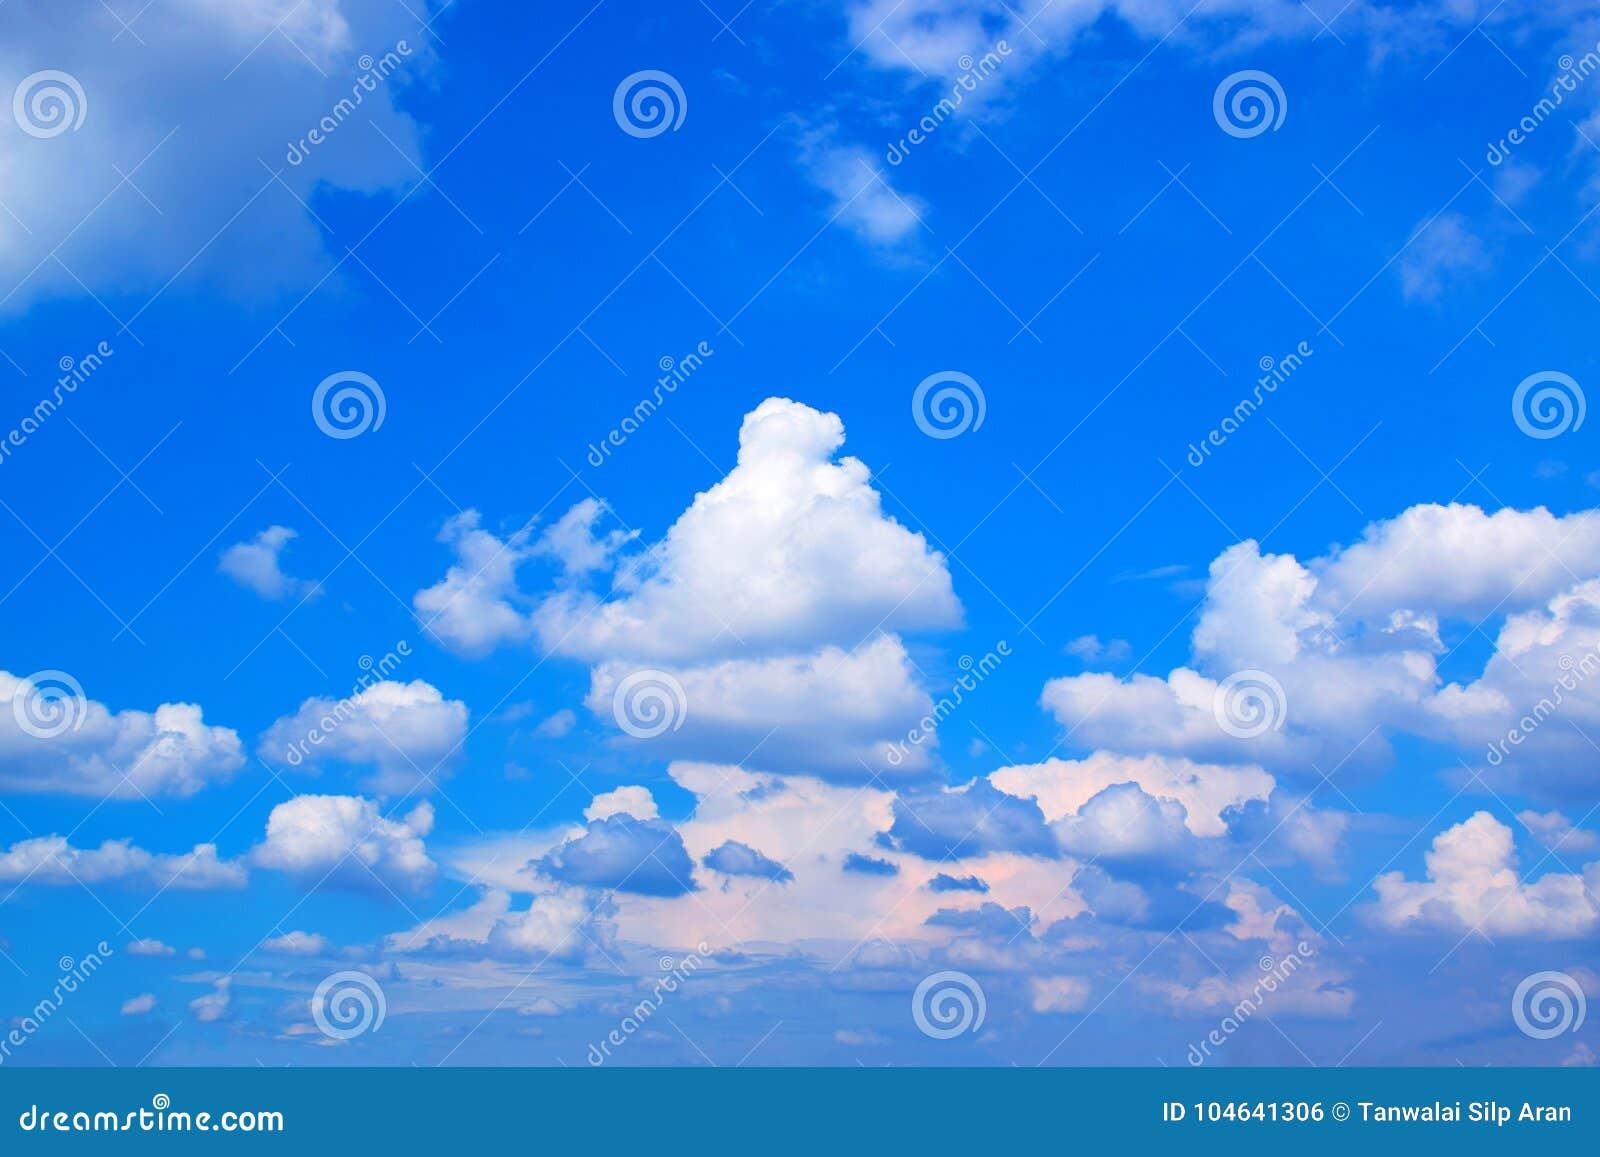 Download Blauwe Hemel En Witte Wolken 171019 0183 Stock Foto - Afbeelding bestaande uit nave, ontwerp: 104641306